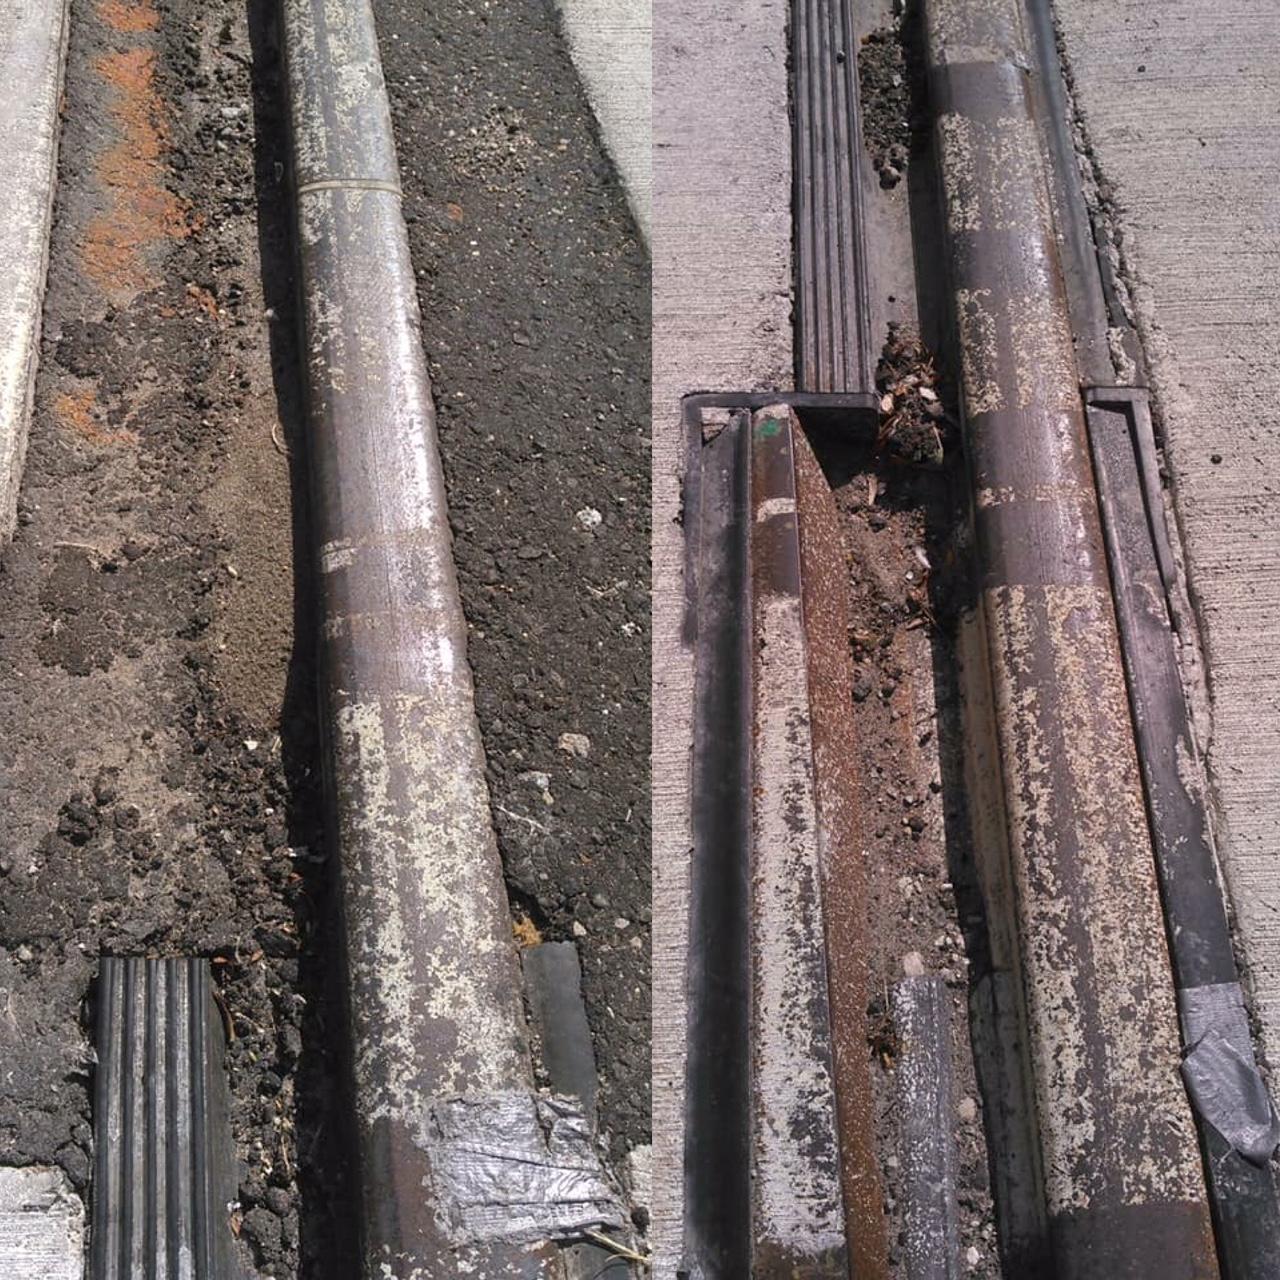 Broken uneven street car tracks